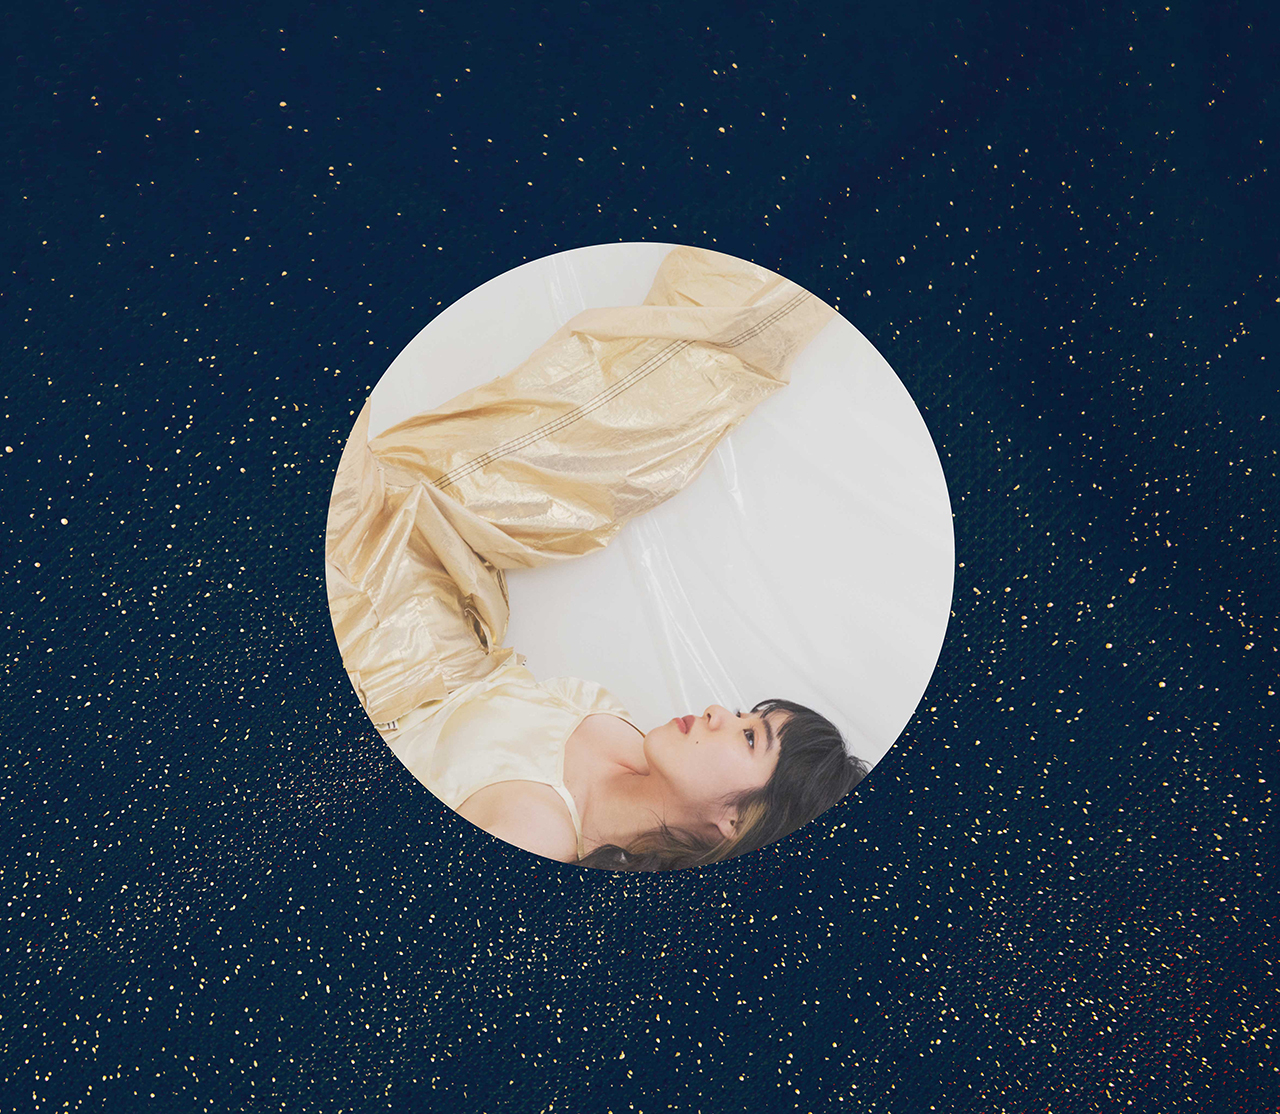 あいみょん「満月の夜なら」